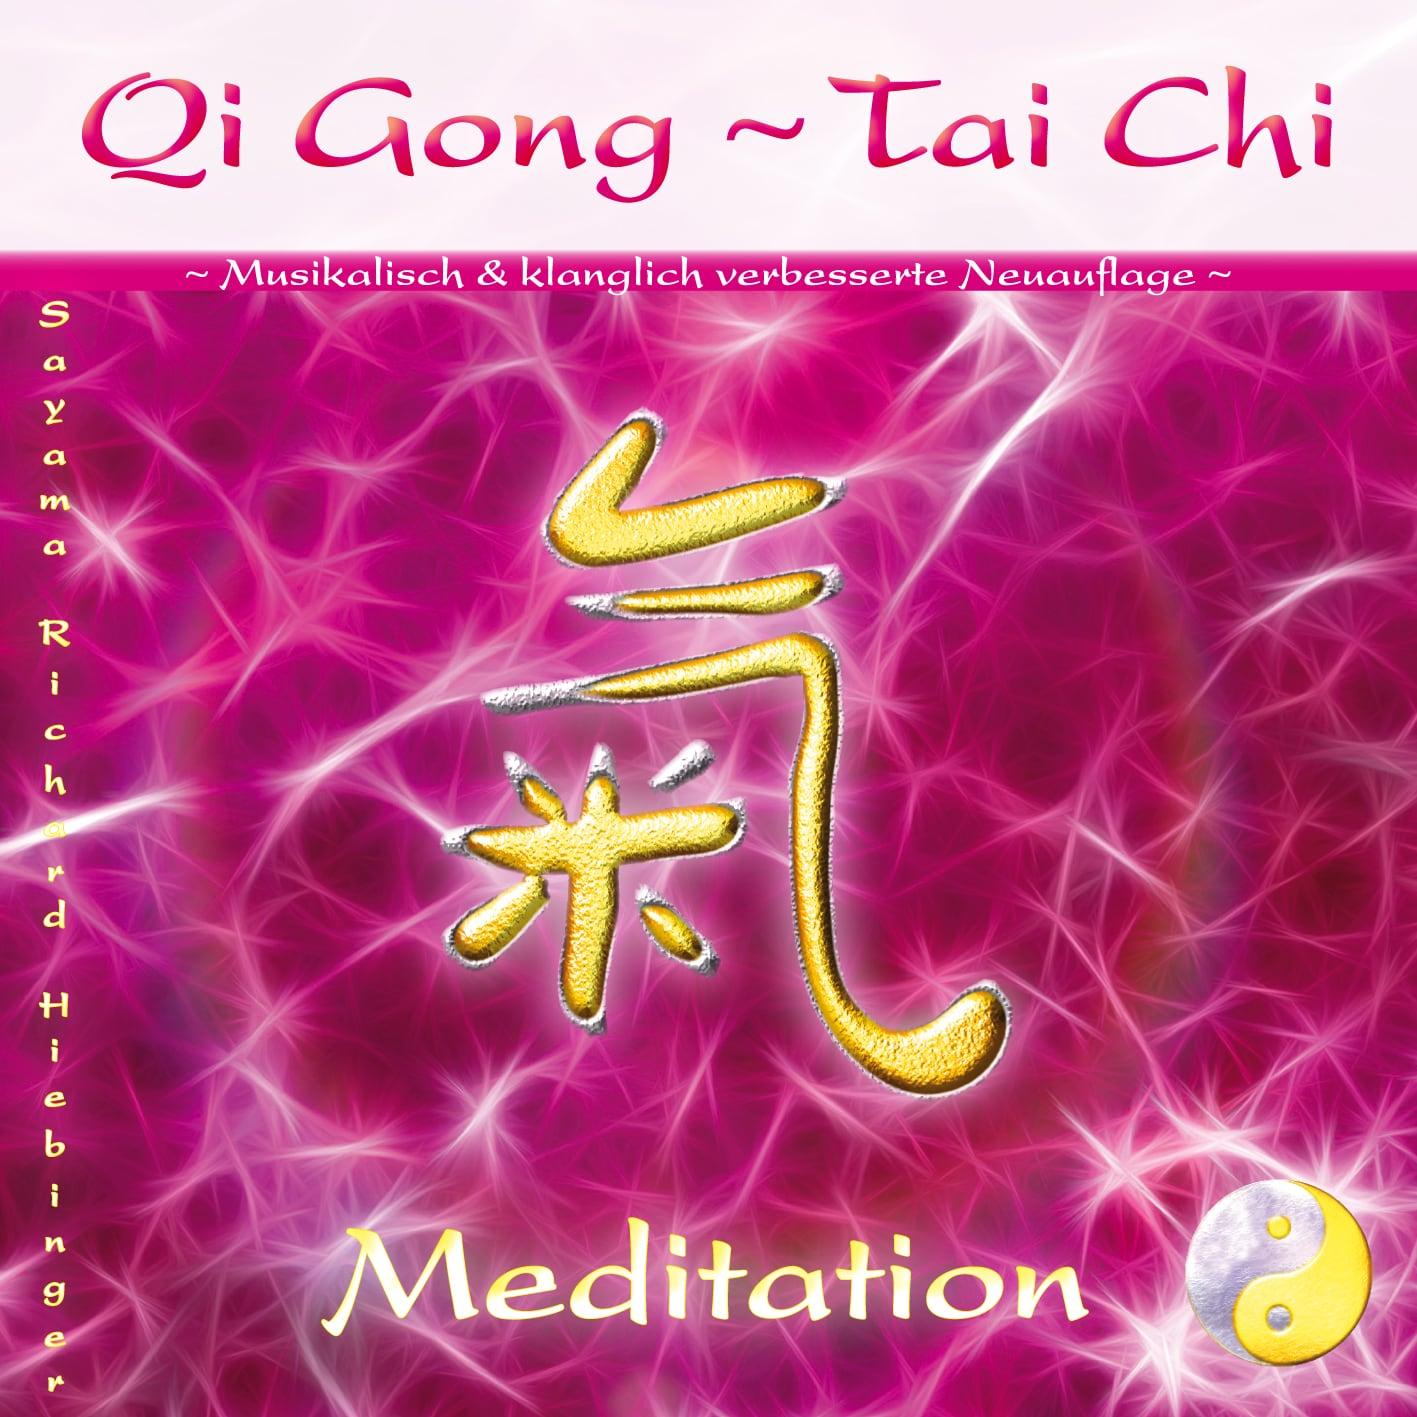 Das Titelbild der CD Qi Gong ~ Tai Chi ~ Meditation von Sayama Music Richard Hiebinger. Es zeigt ein goldenes chinesisches Schriftzeichen vor rot/rosa/pink Hintergrund und ein Yin und Yang Zeichen in Silber und Gold